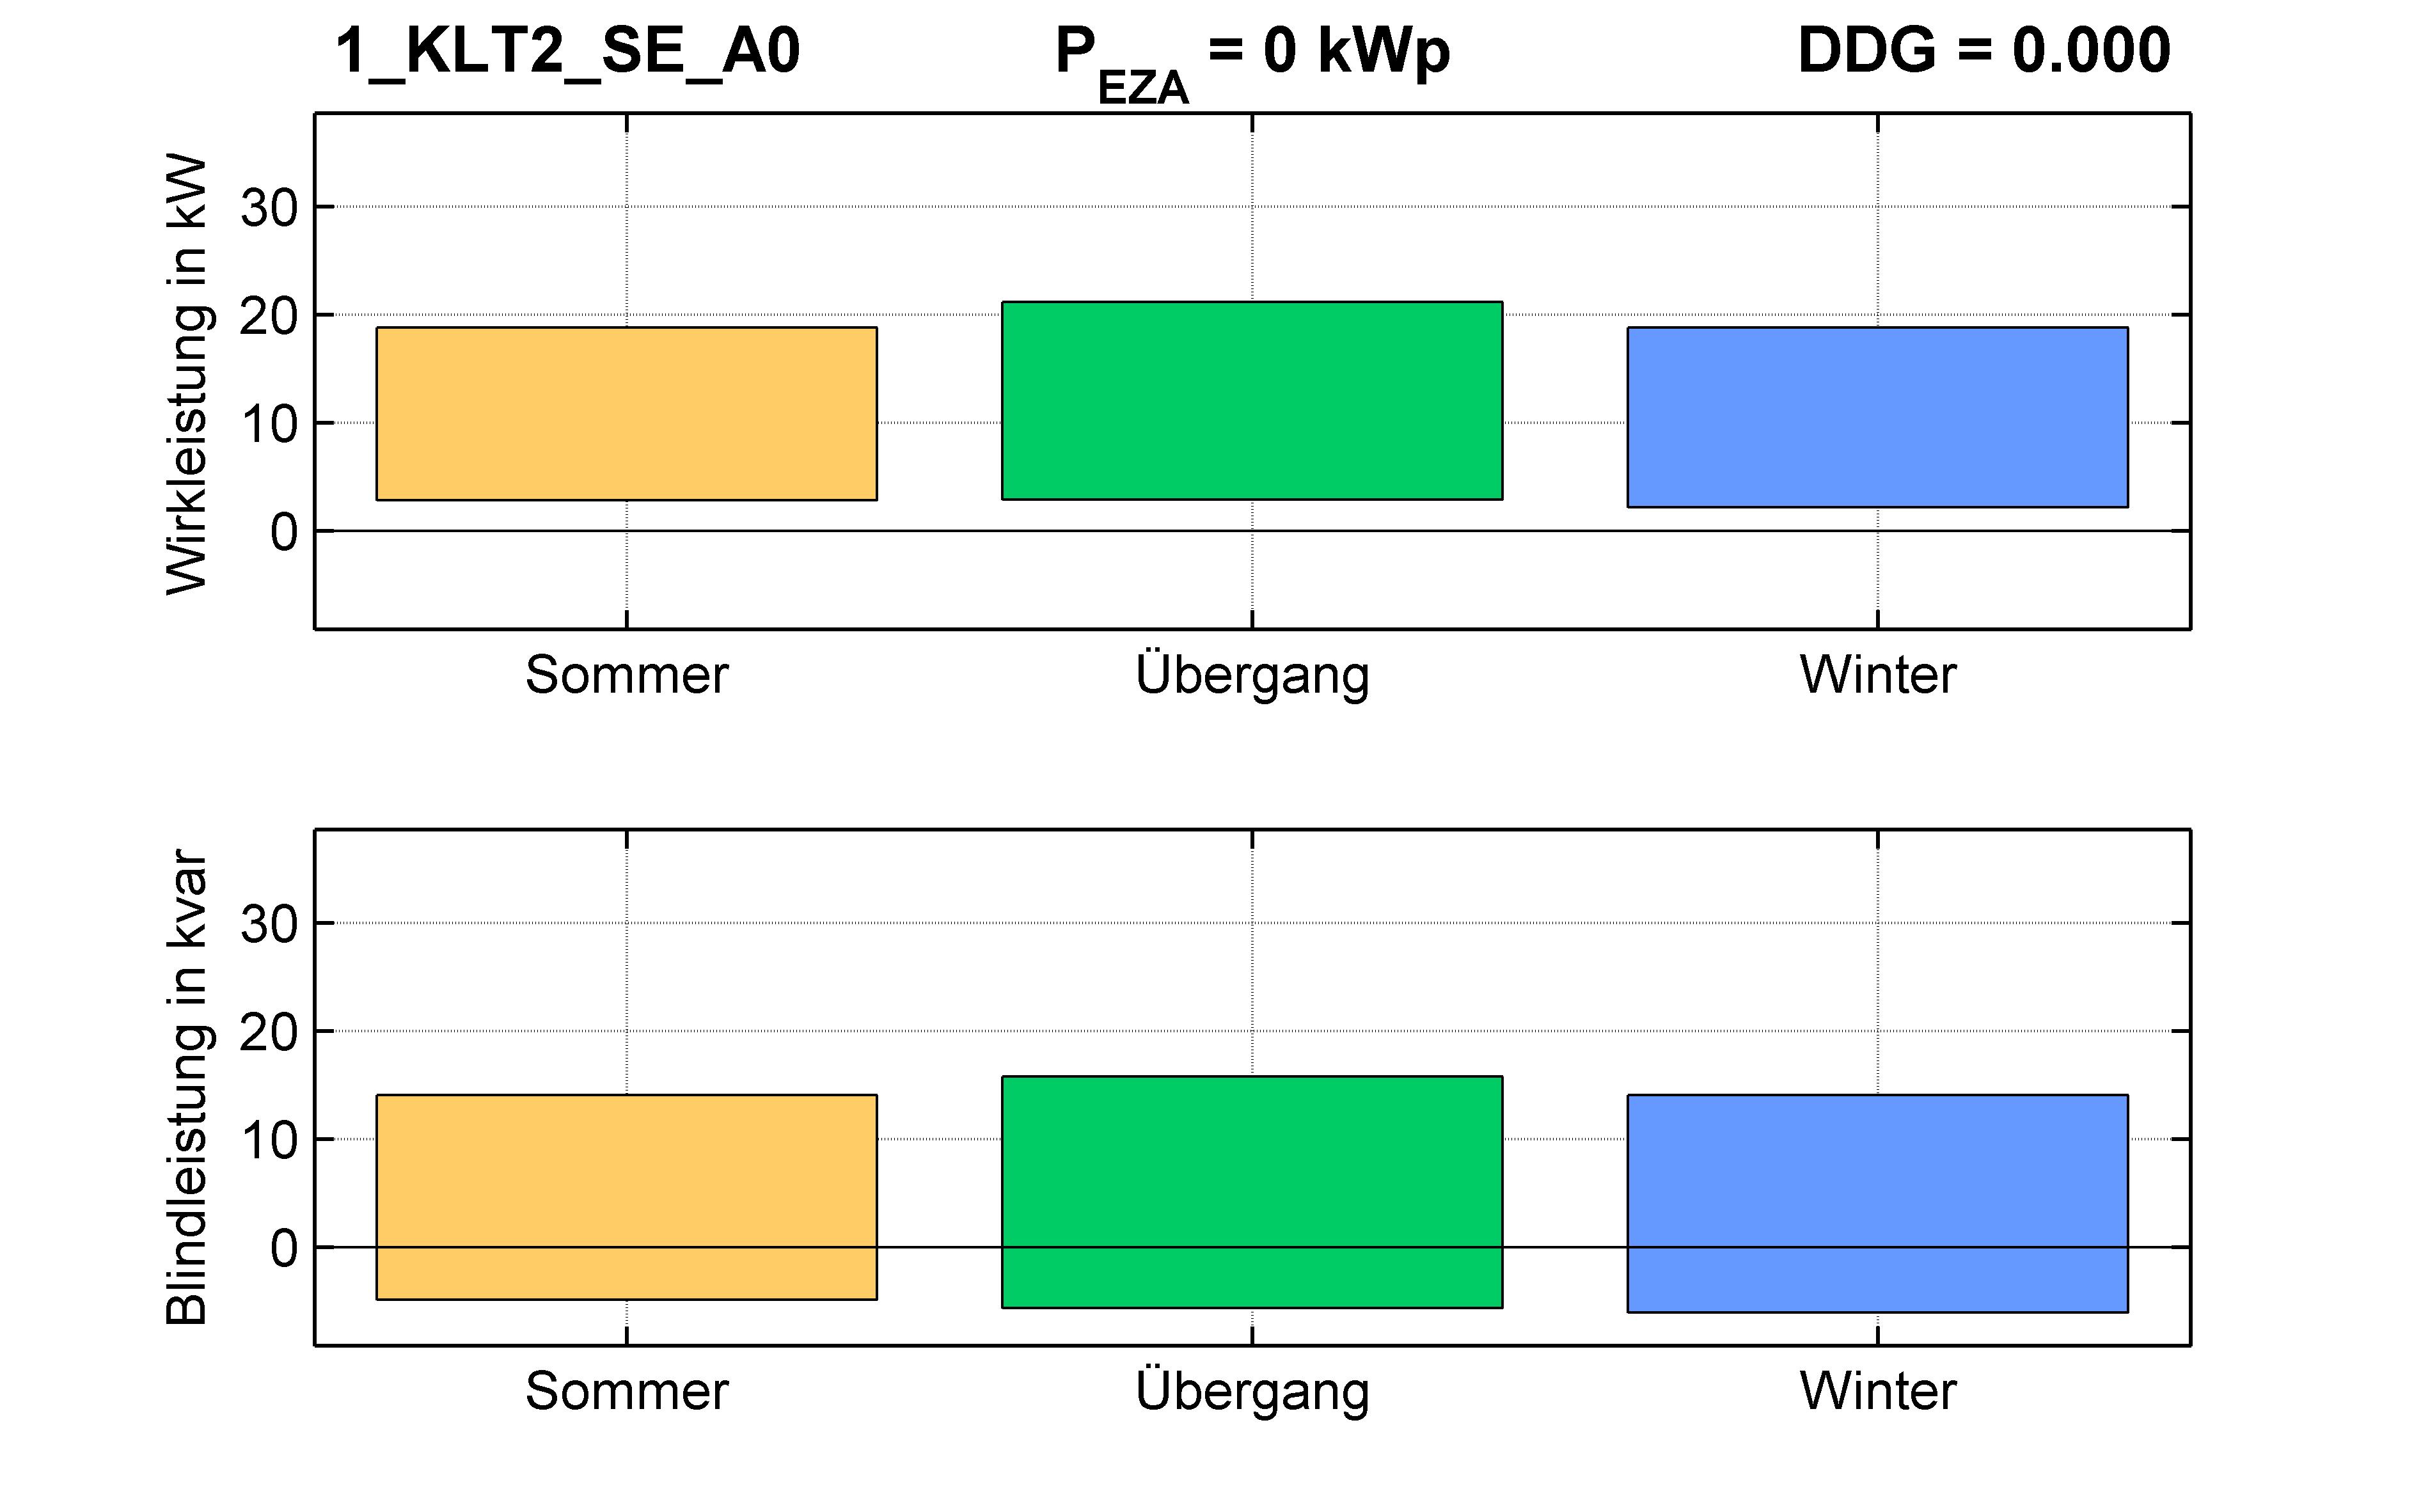 KLT2 | KABEL (SE) A0 | PQ-Bilanz